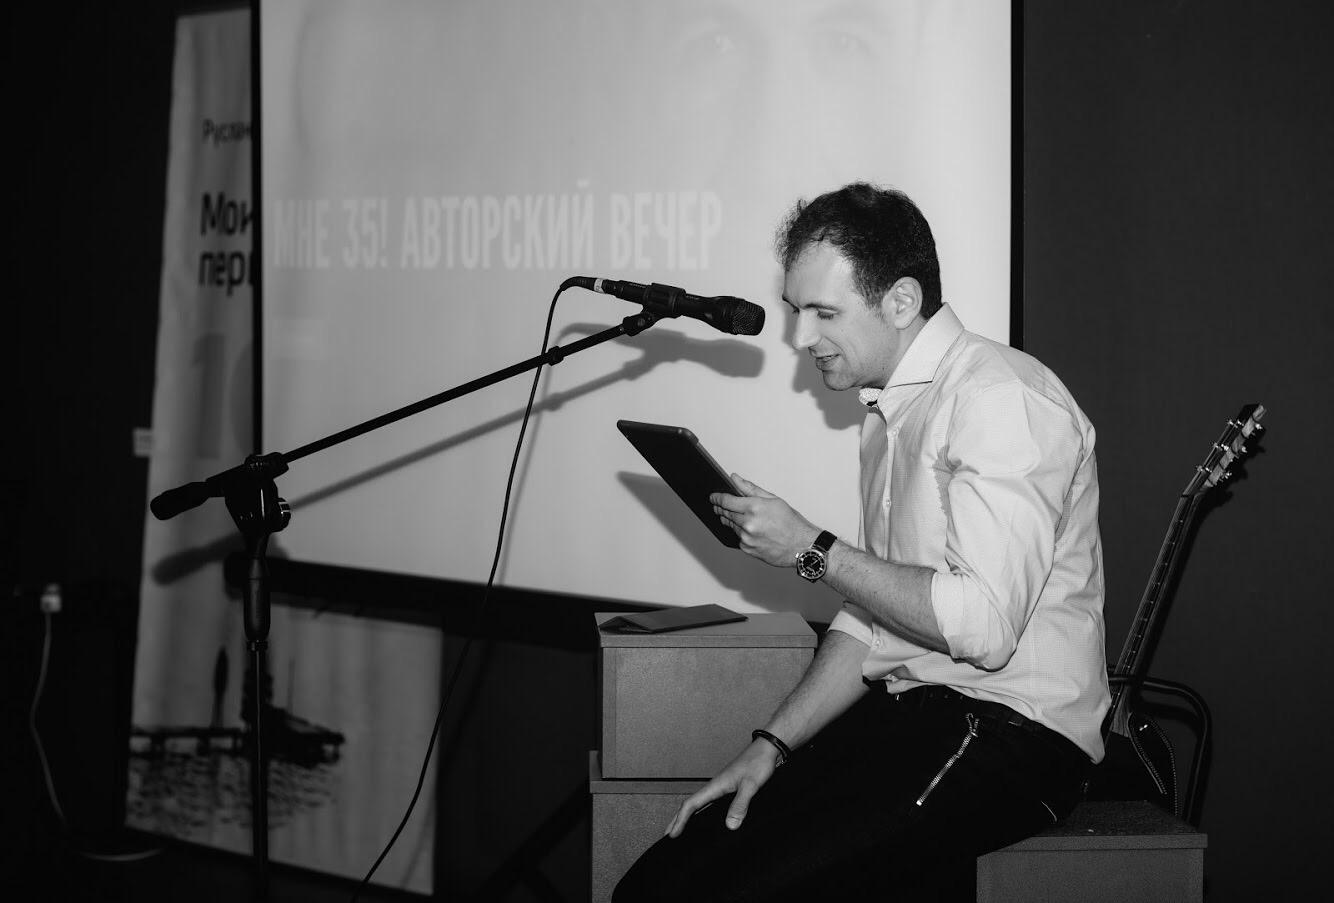 СРОК ГОДНОСТИ: Руслан Спивак из Райффайзен Банка Аваль об  эффективности и гибкости лидеров